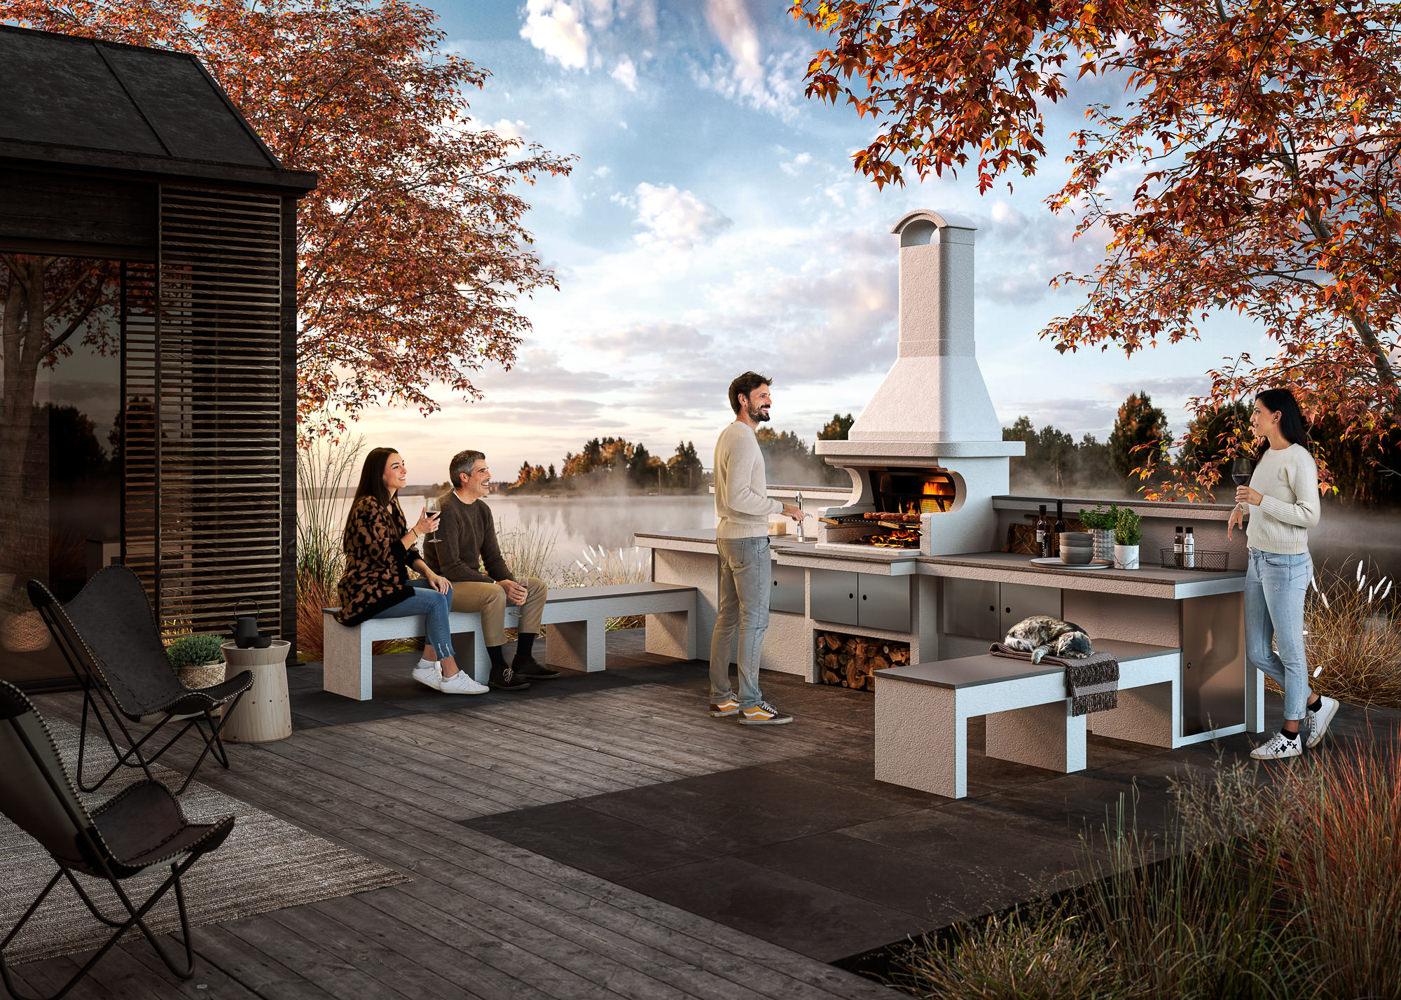 Foto campagna pubblicitaria per azienda con barbecue e modelli in esterno